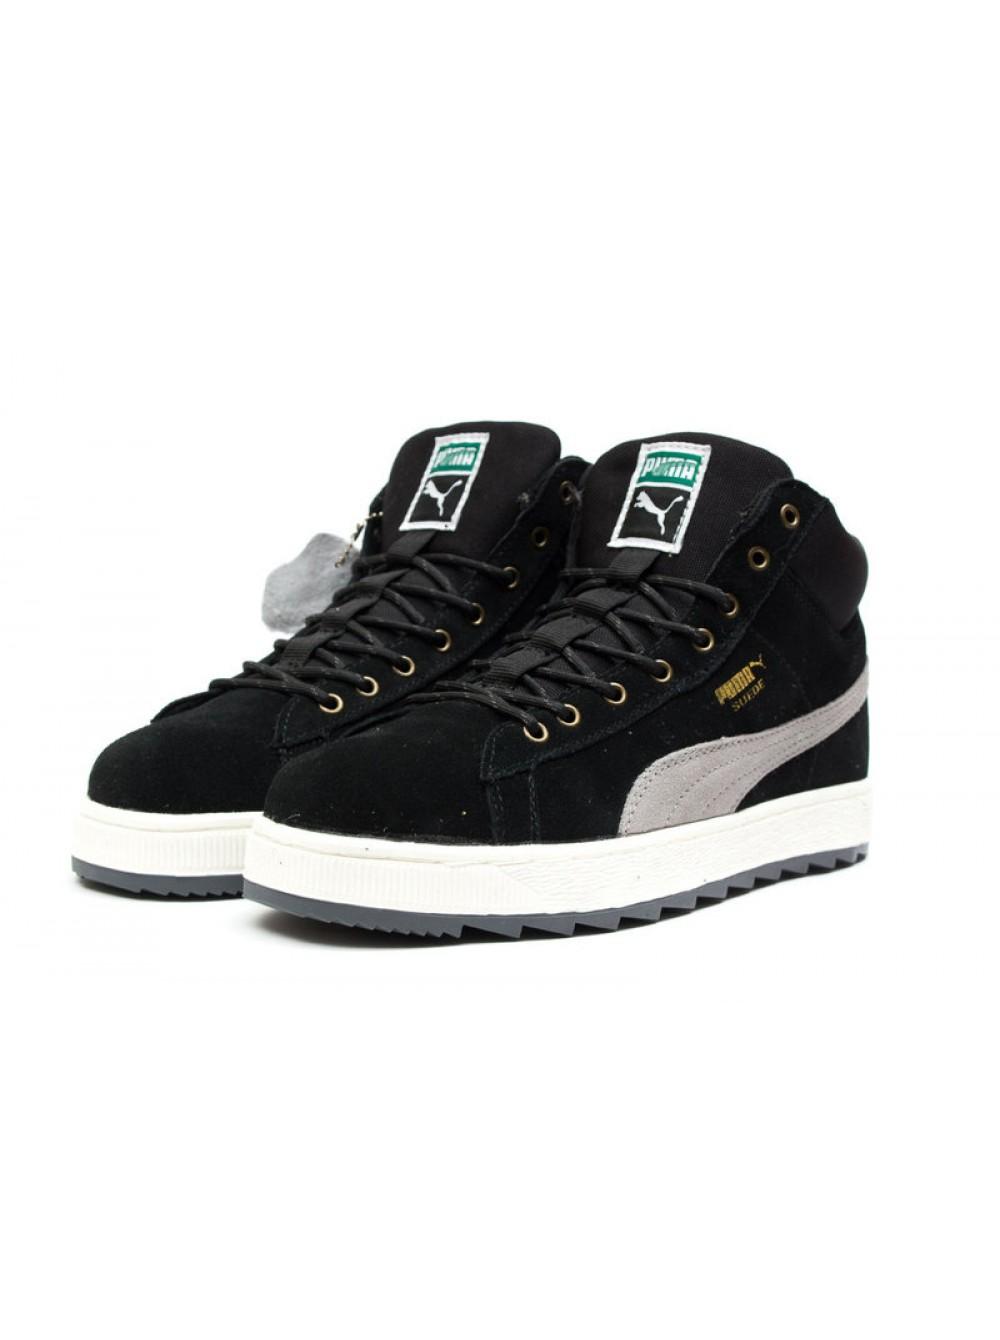 Купить зимние кроссовки Puma Suede 6f391f06a4ae5